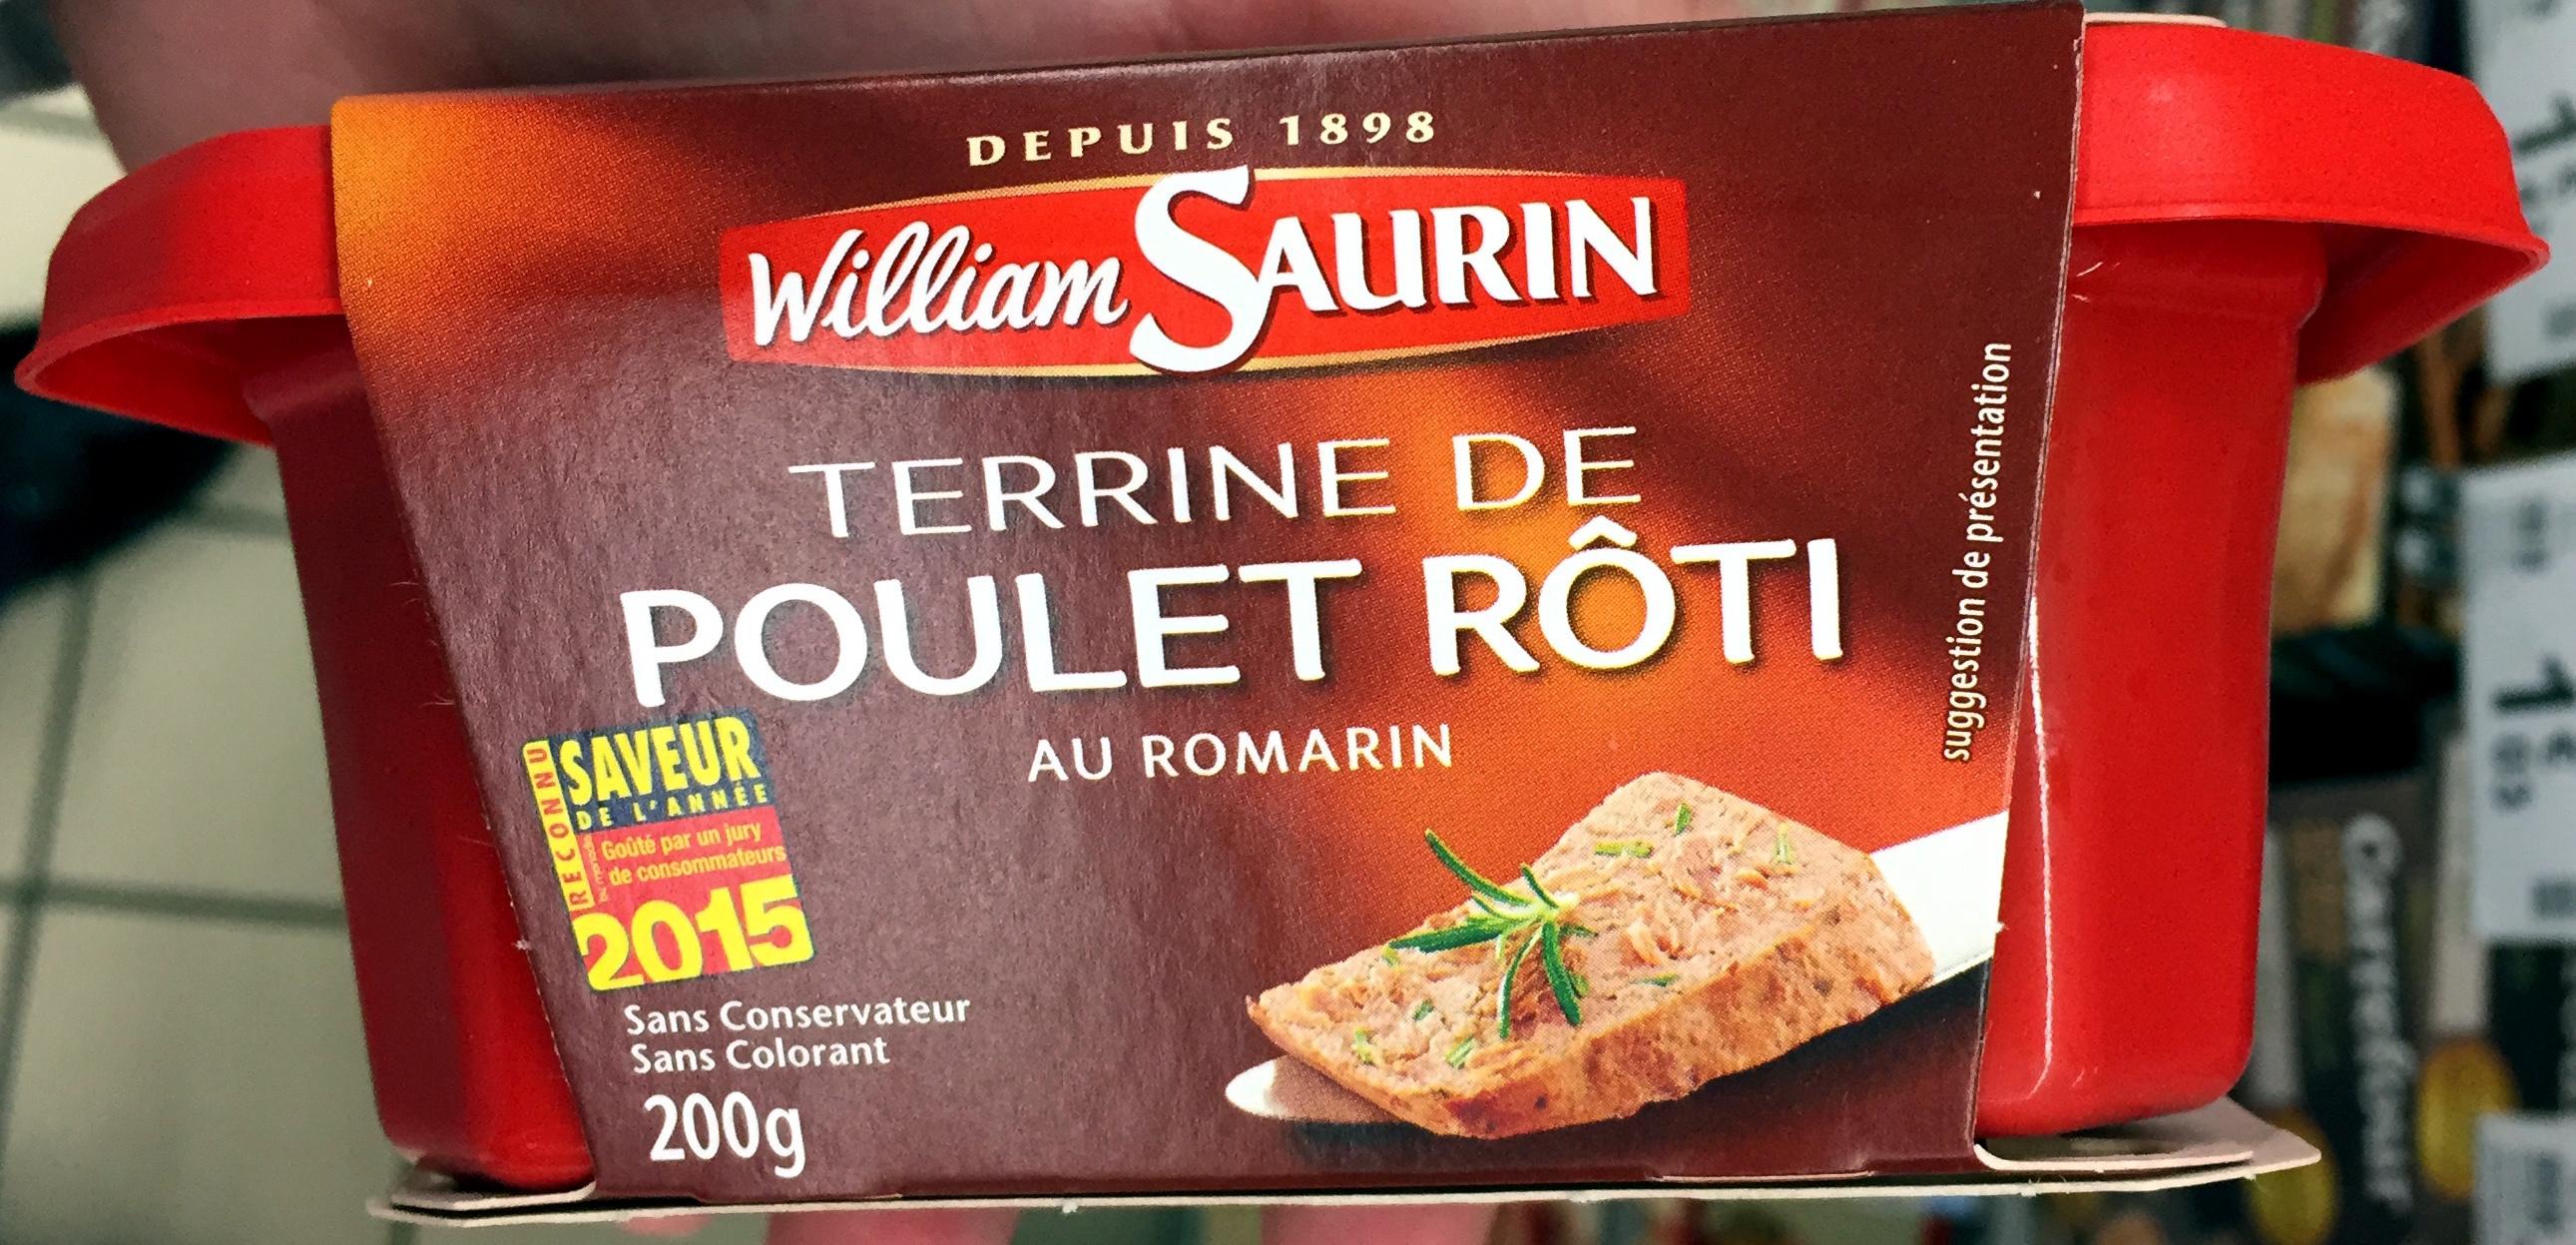 Terrine de Poulet Rôti au Romarin - Produit - fr